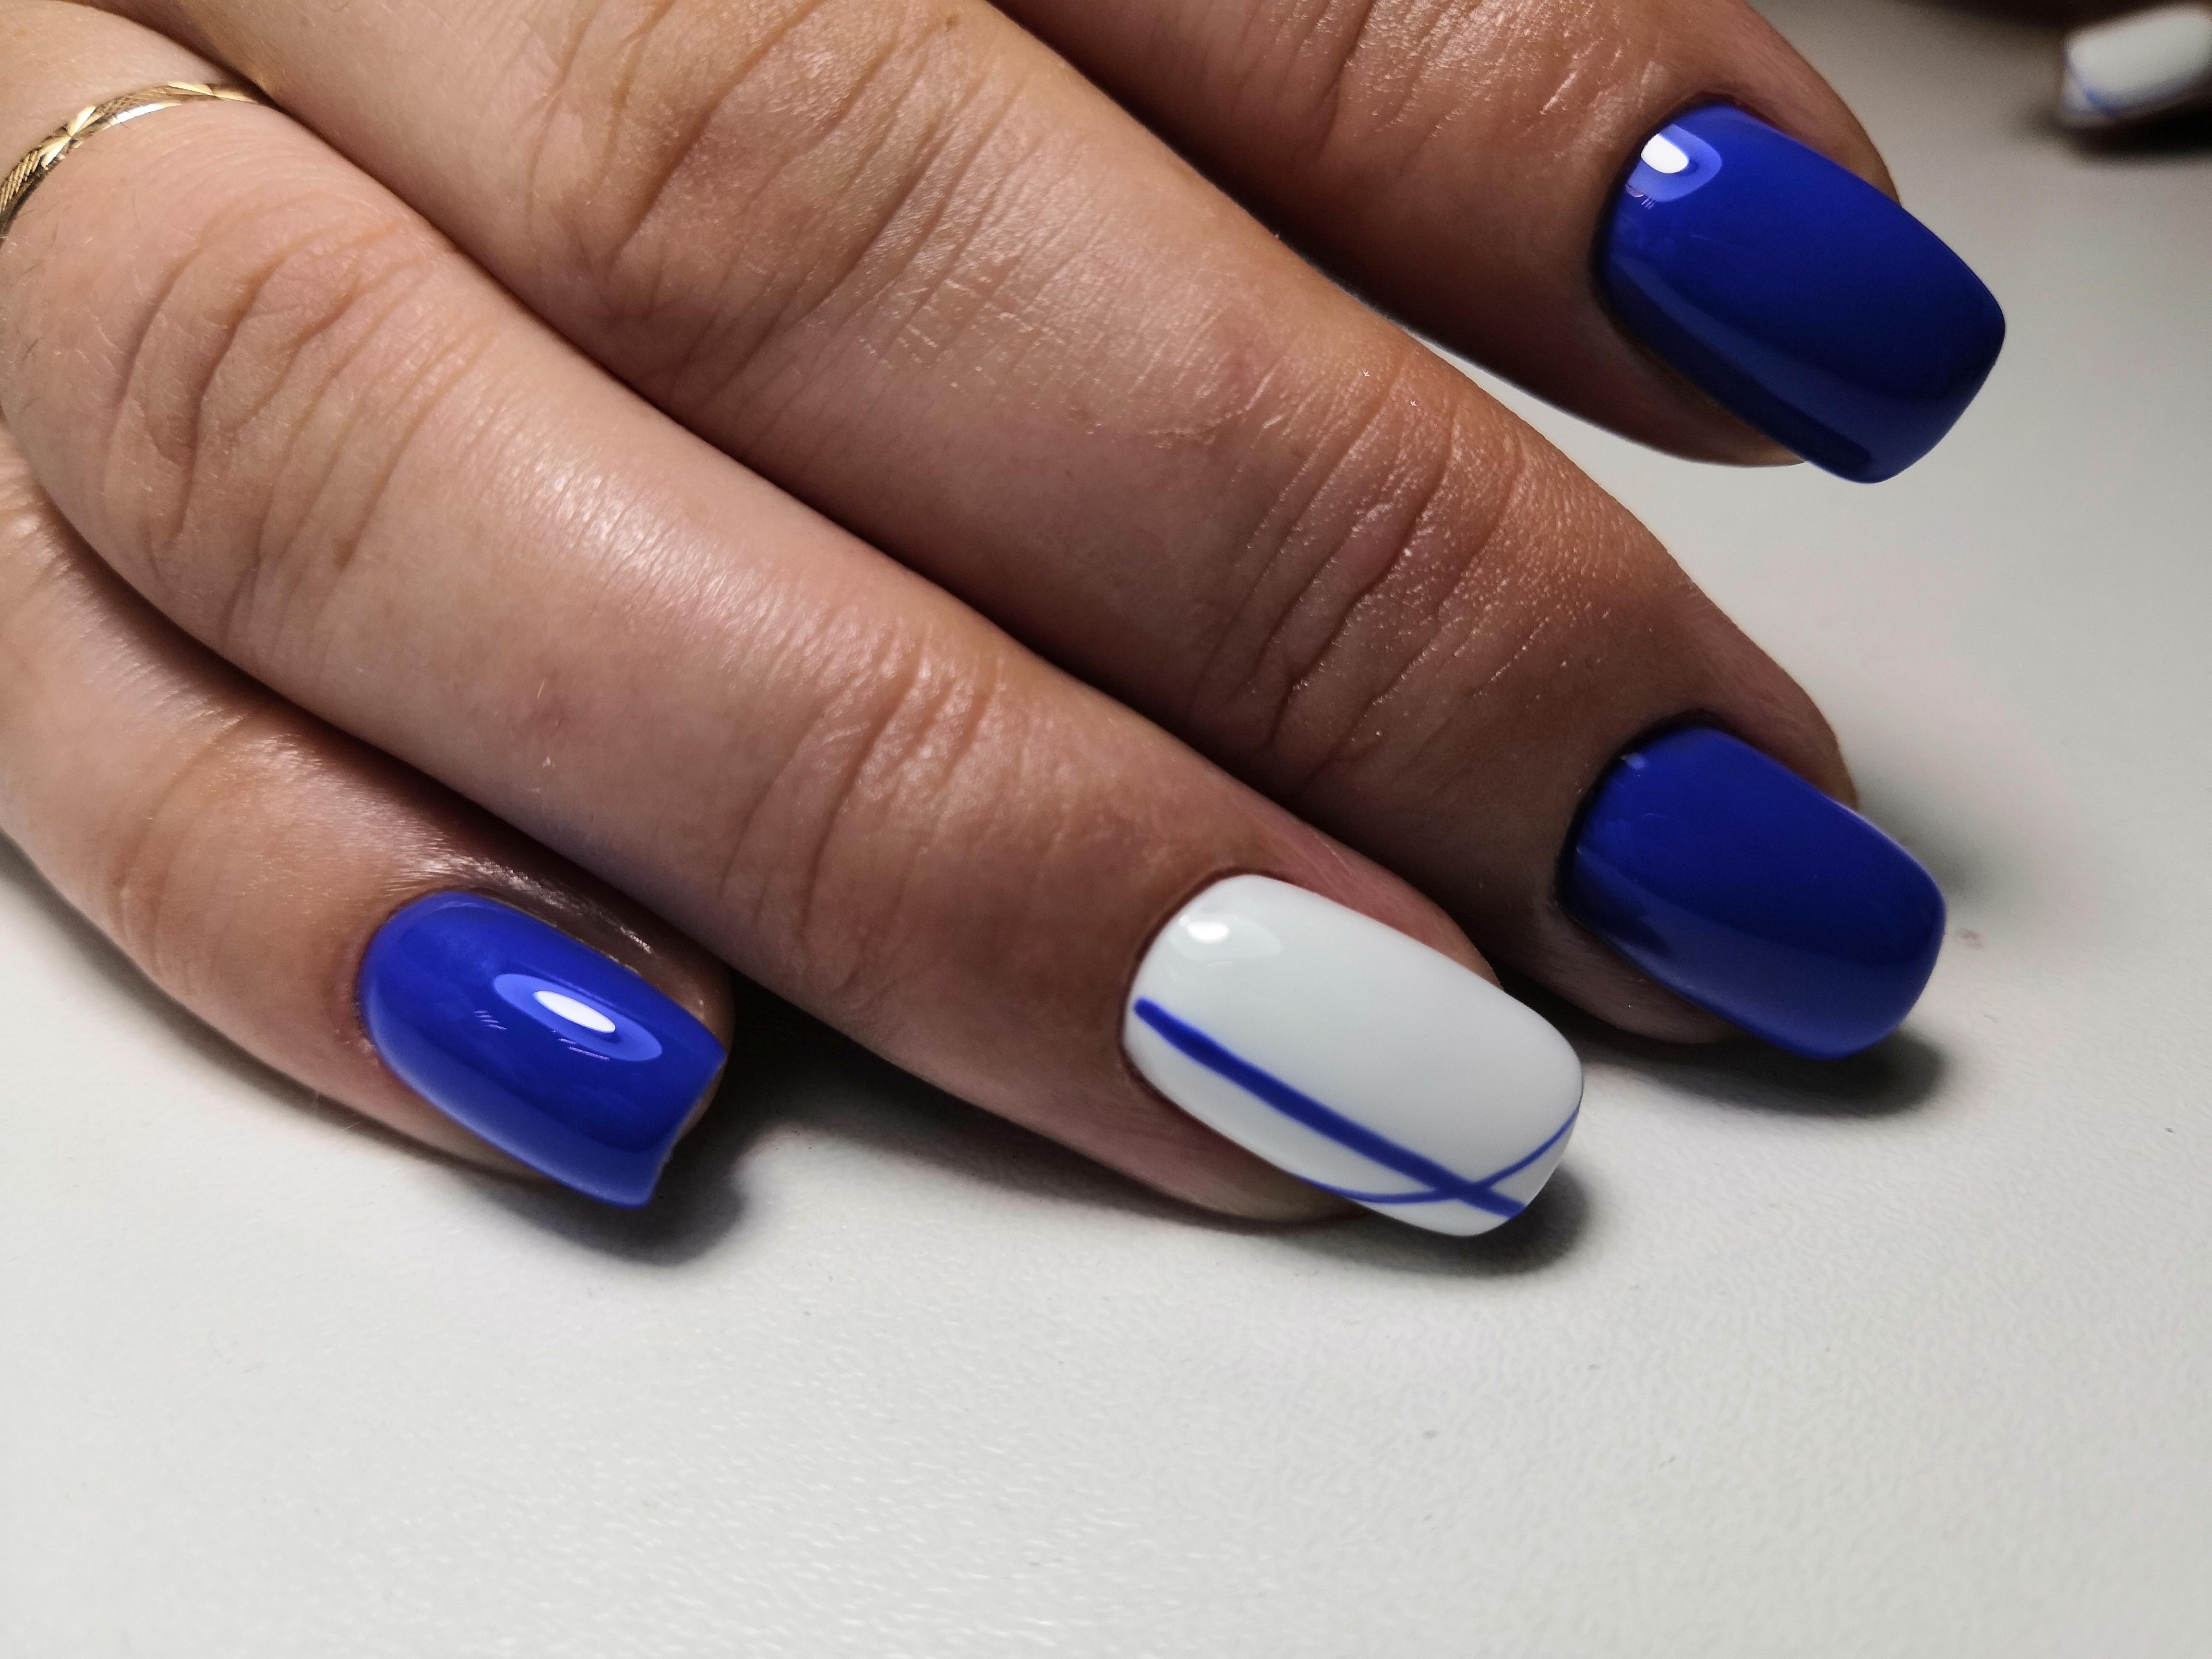 Маникюр в синем цвете с белым дизайном и синими полосками.